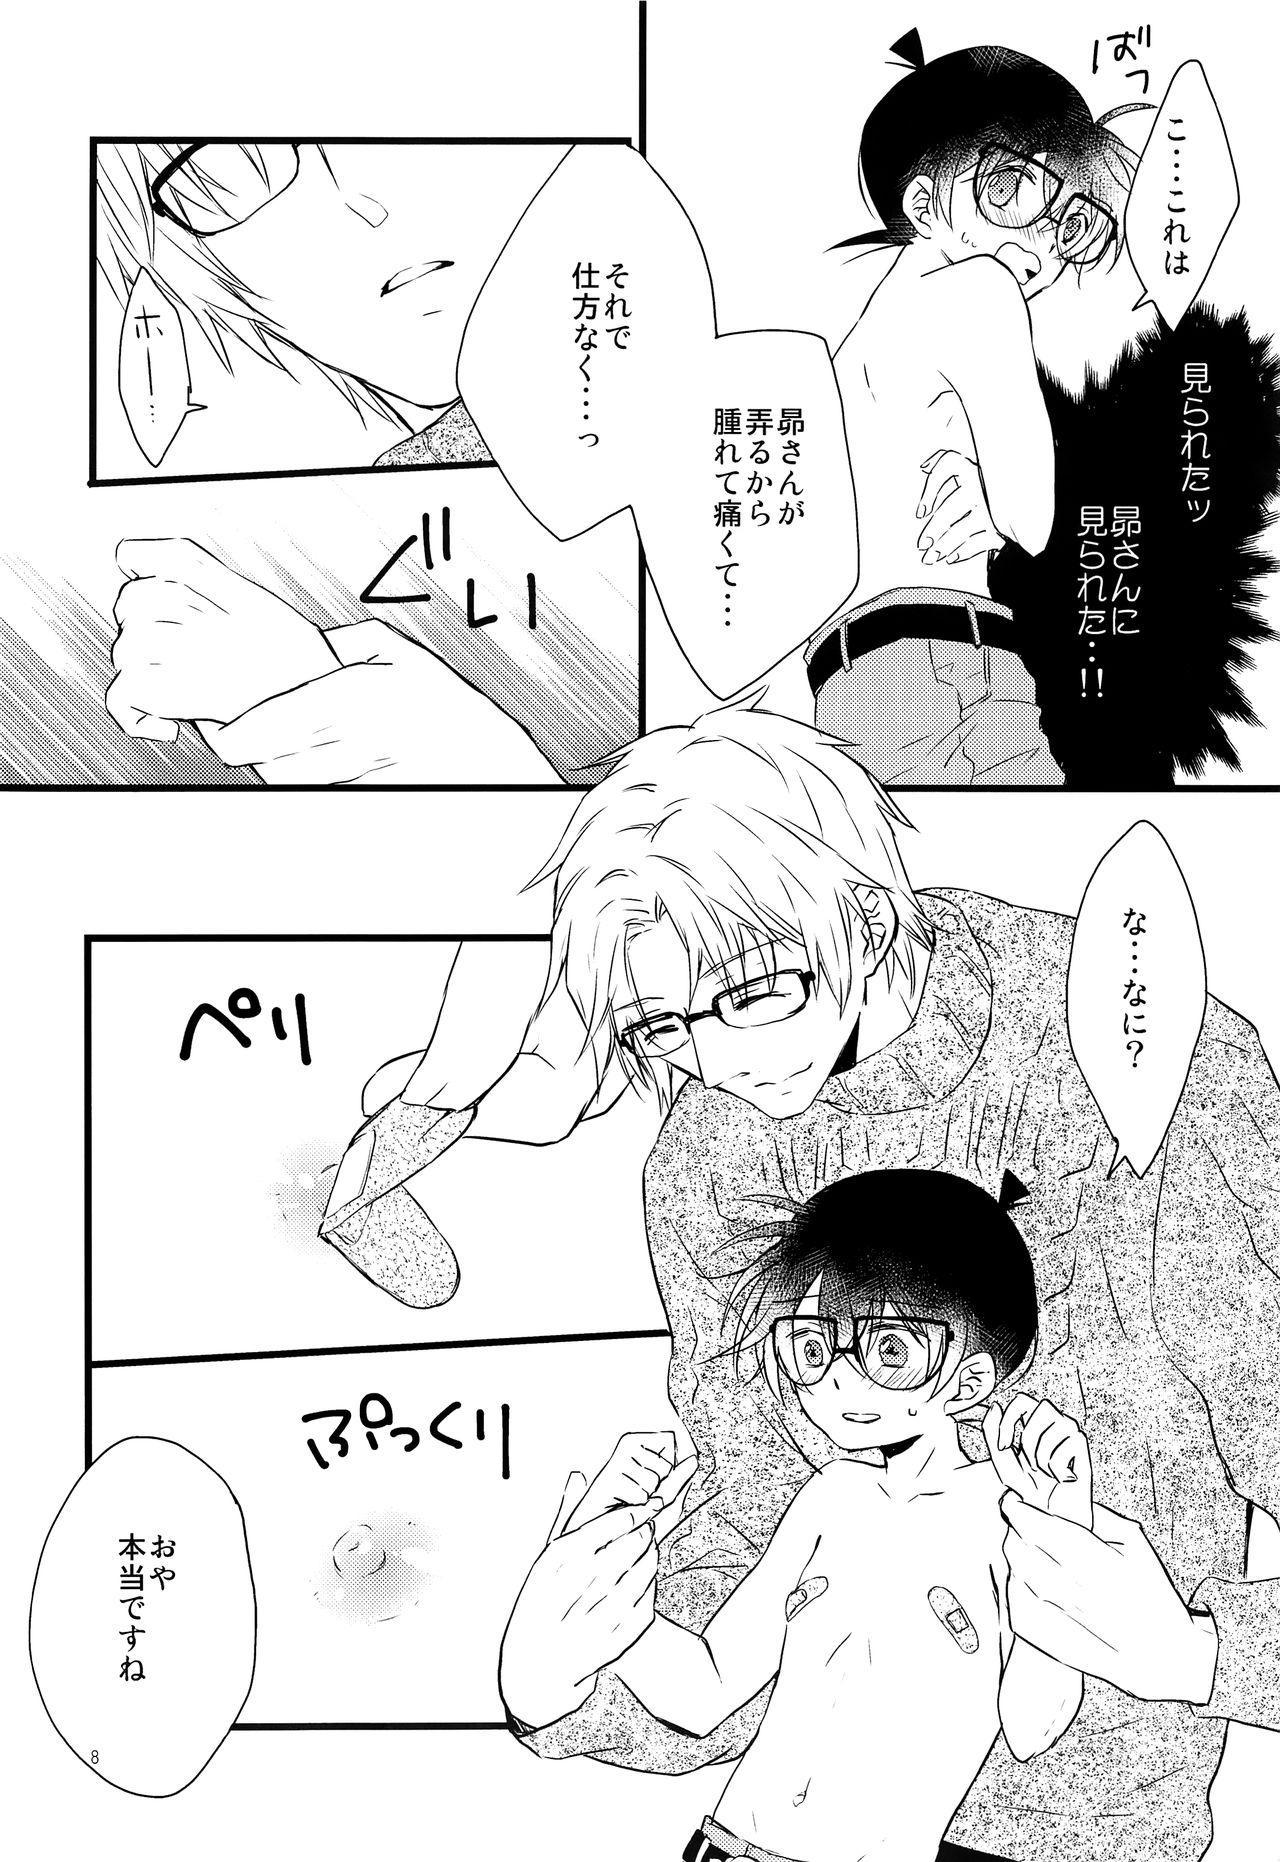 Conan-kun ga Chikubi Kaihatsu Sarechau Hon 6